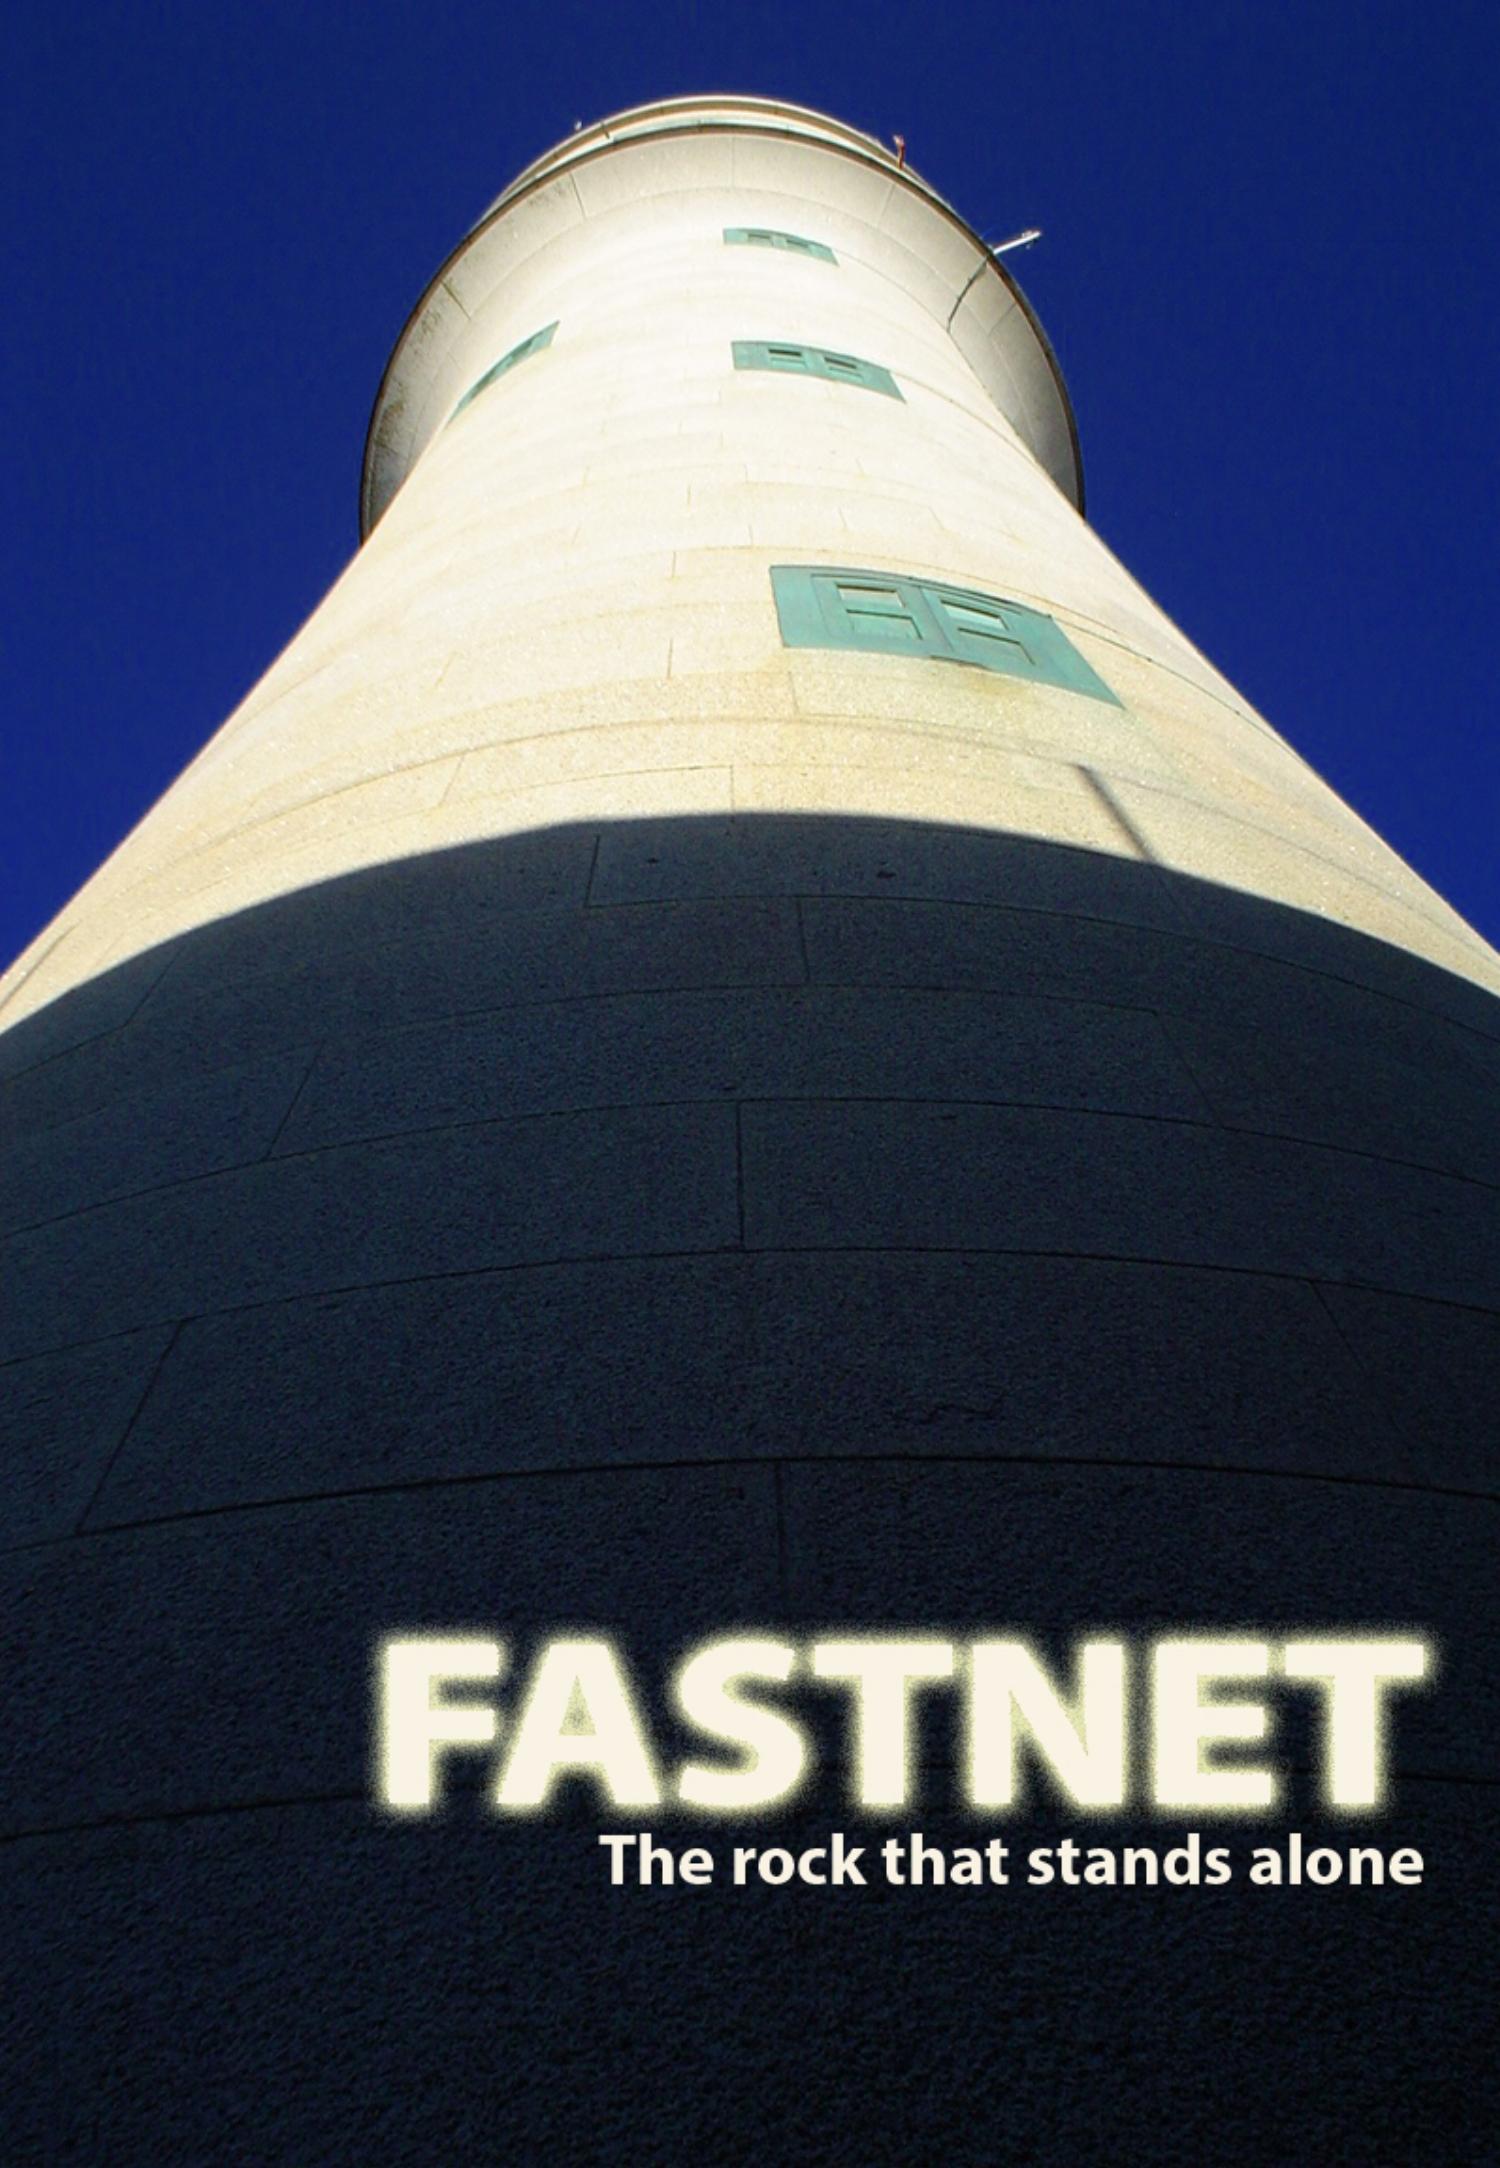 FastnetDVD cover.jpg